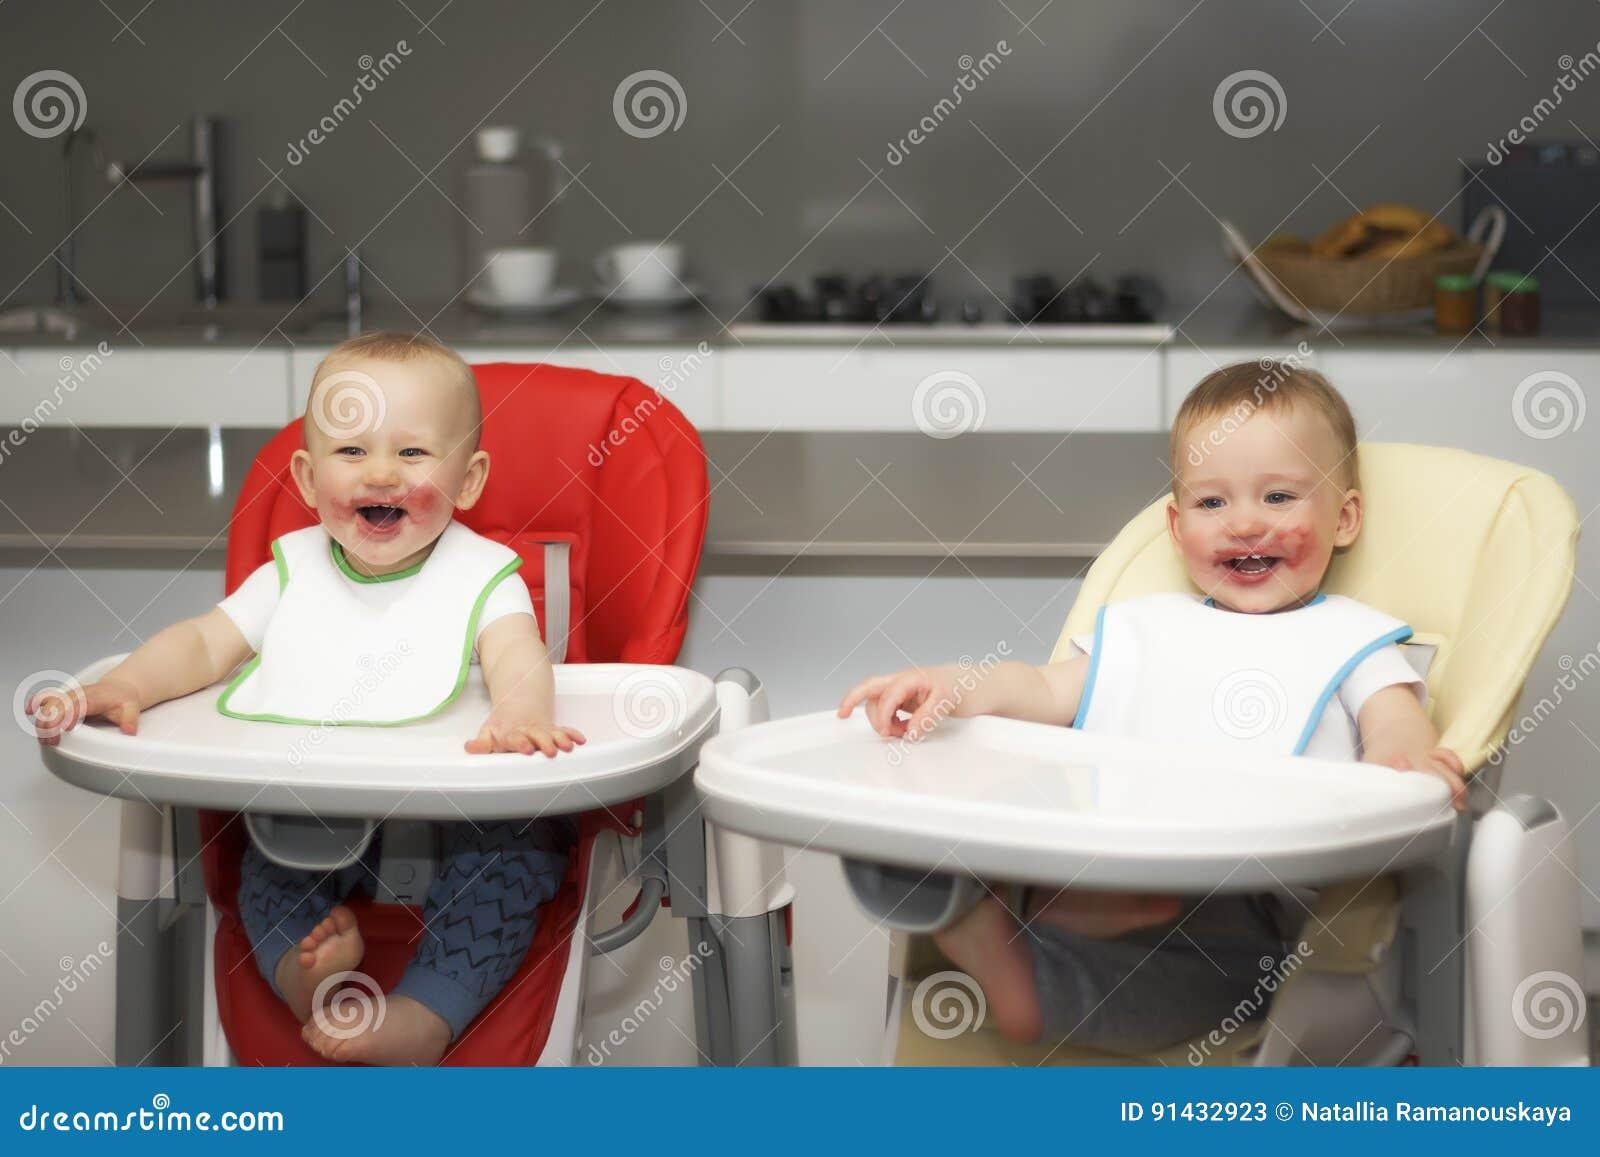 Τα παιδιά τρώνε τα βακκίνια σε μια υψηλή καρέκλα μωρών Τα αγόρια έχουν ένα βρώμικο πρόσωπο